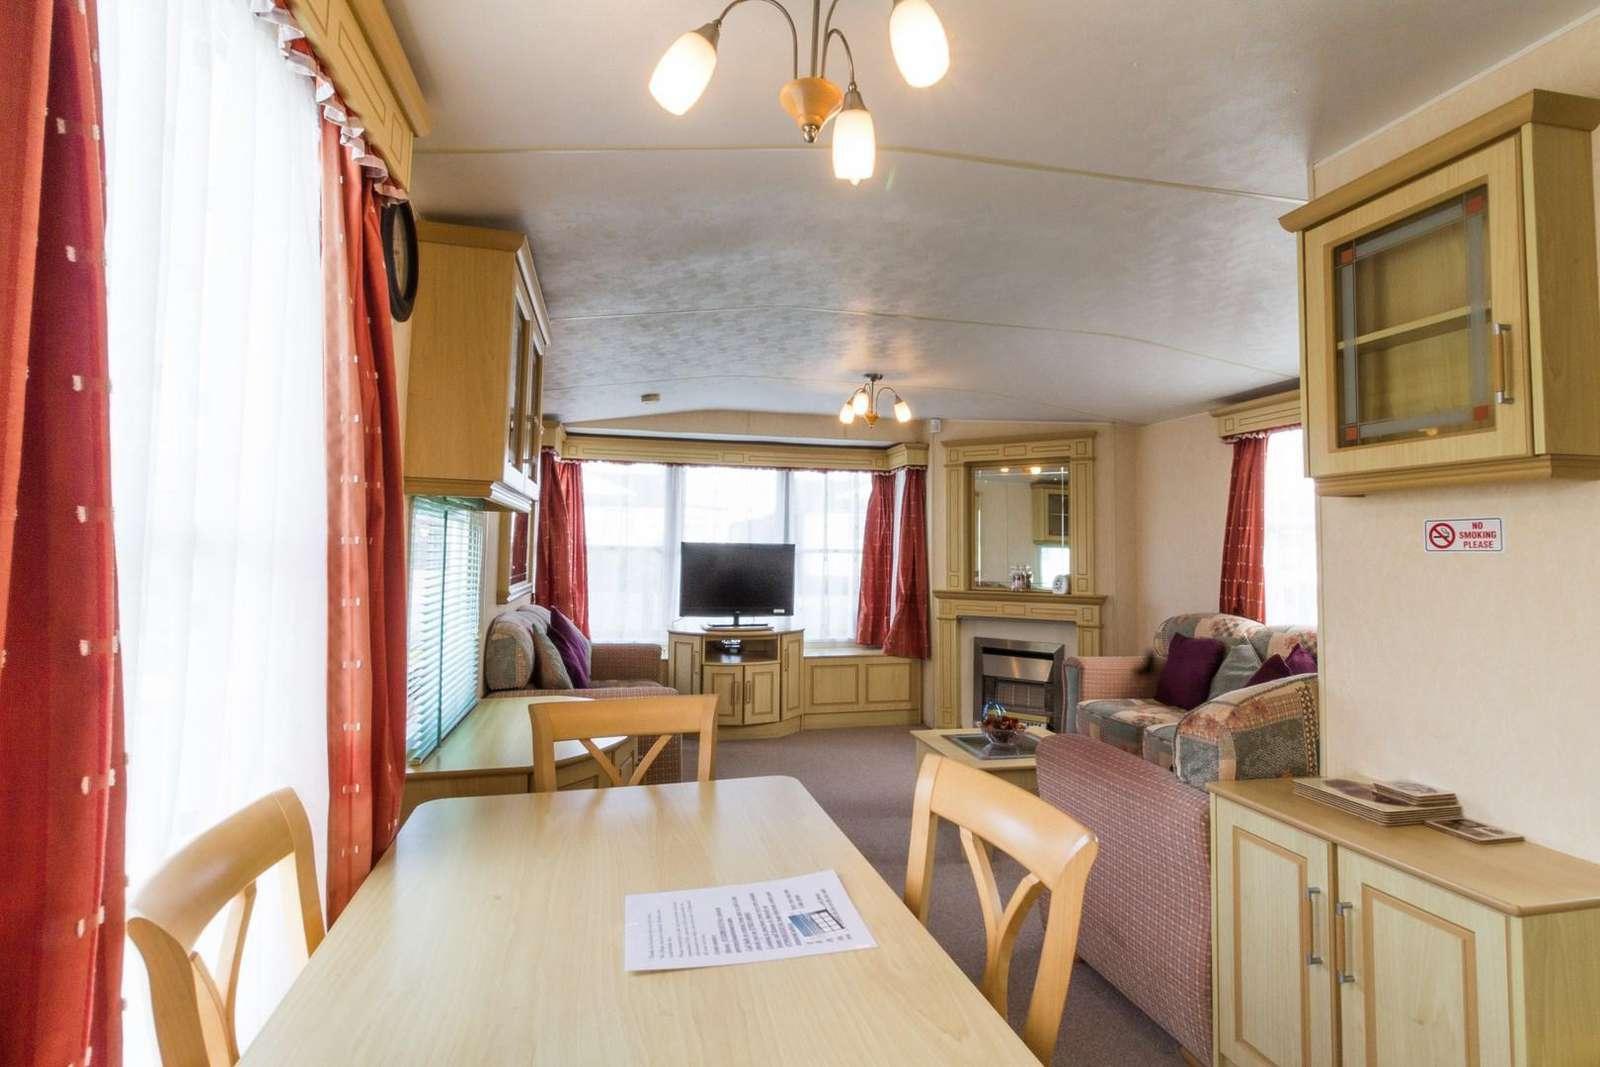 Dining area in this great caravan for rent in Hunstanton